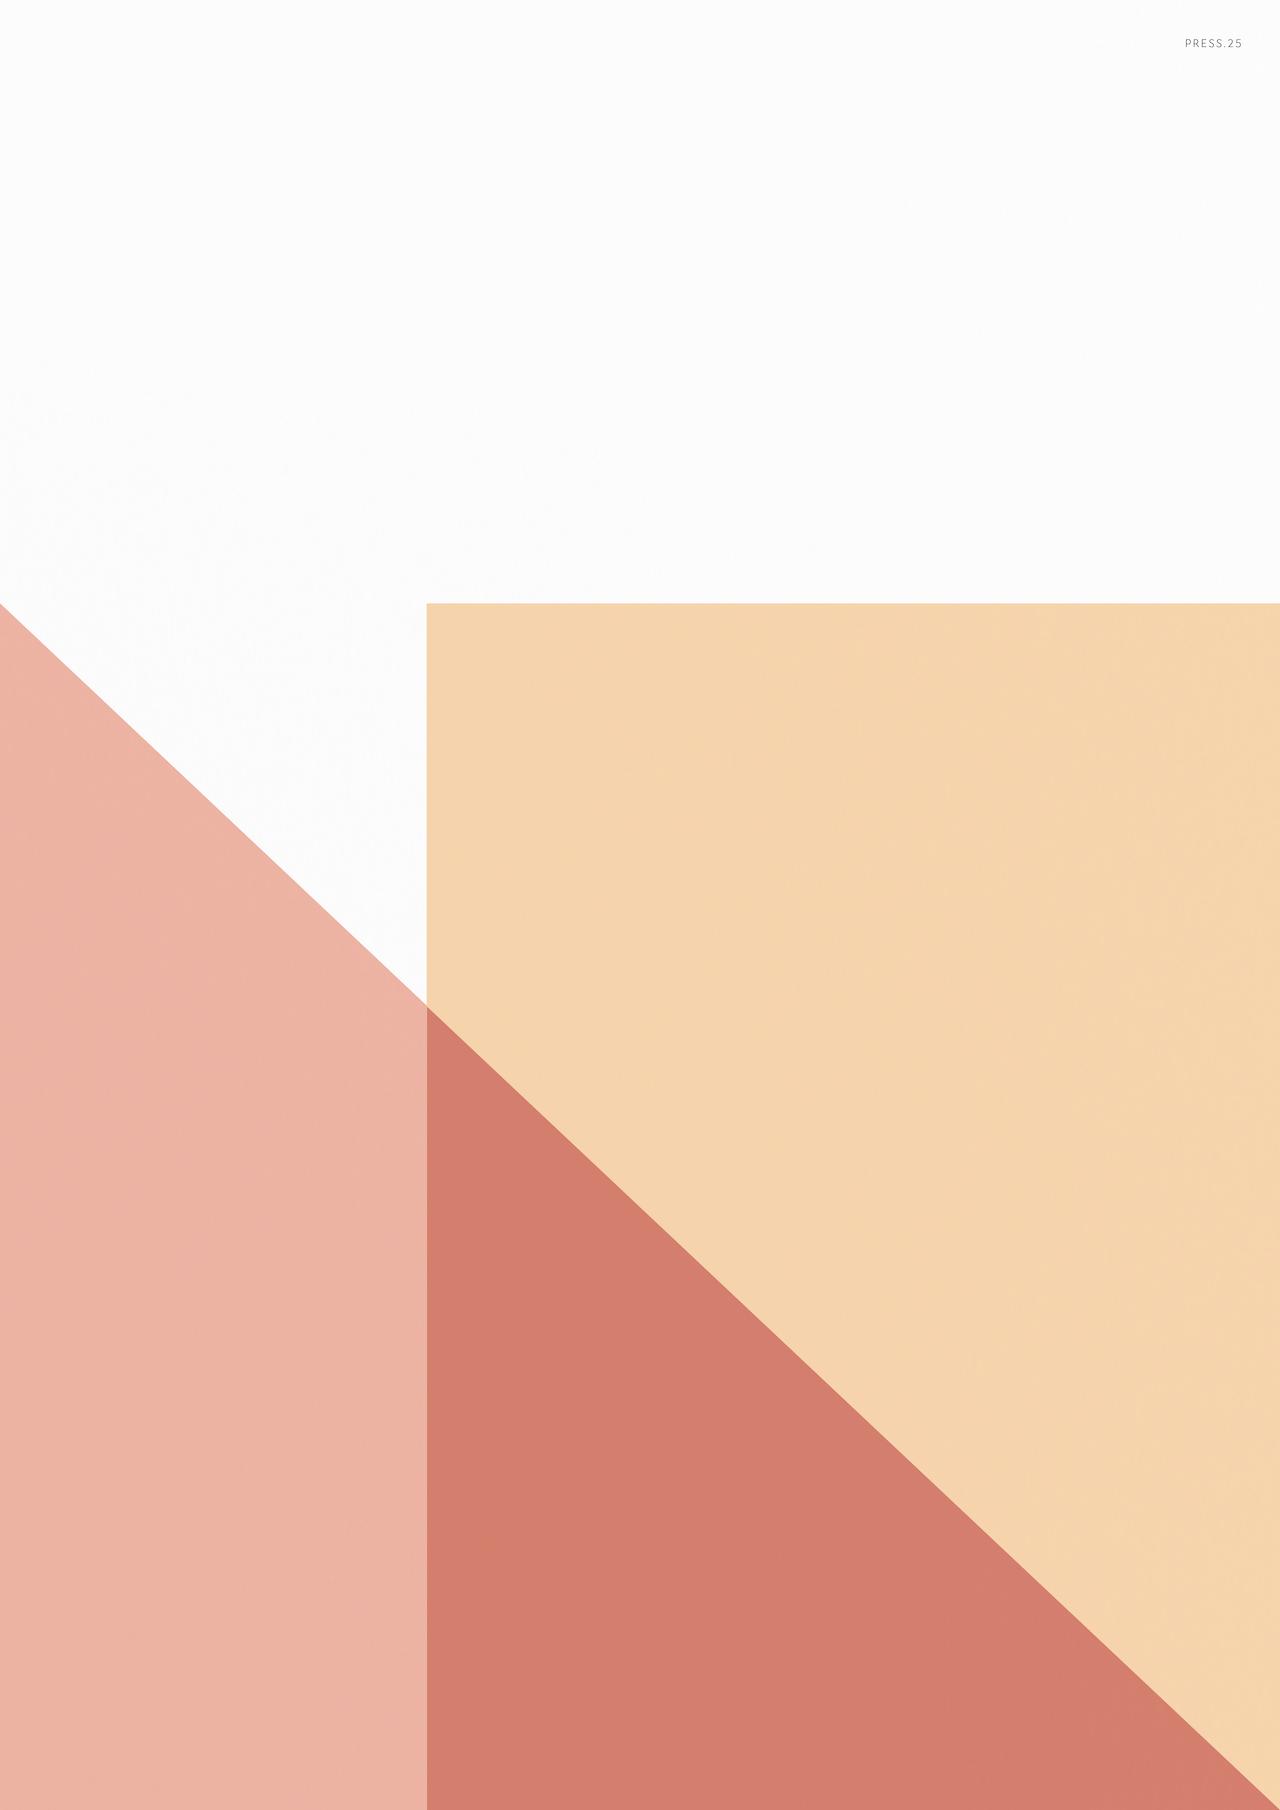 PRESS.25 (Geometric Print) (2016)  by  Liam Roberts